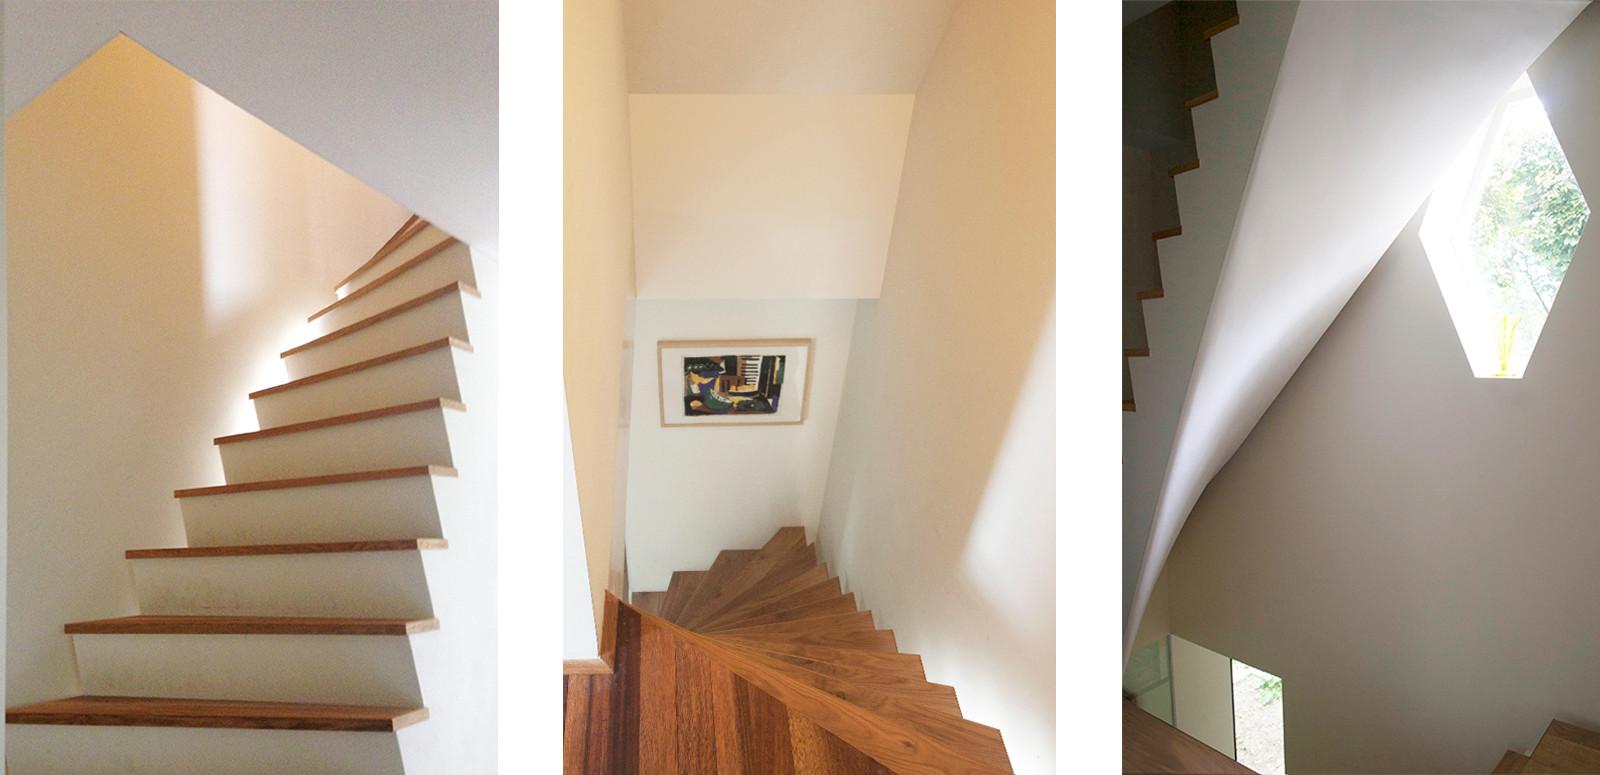 105_villaAardenhout_threefold-staircase_